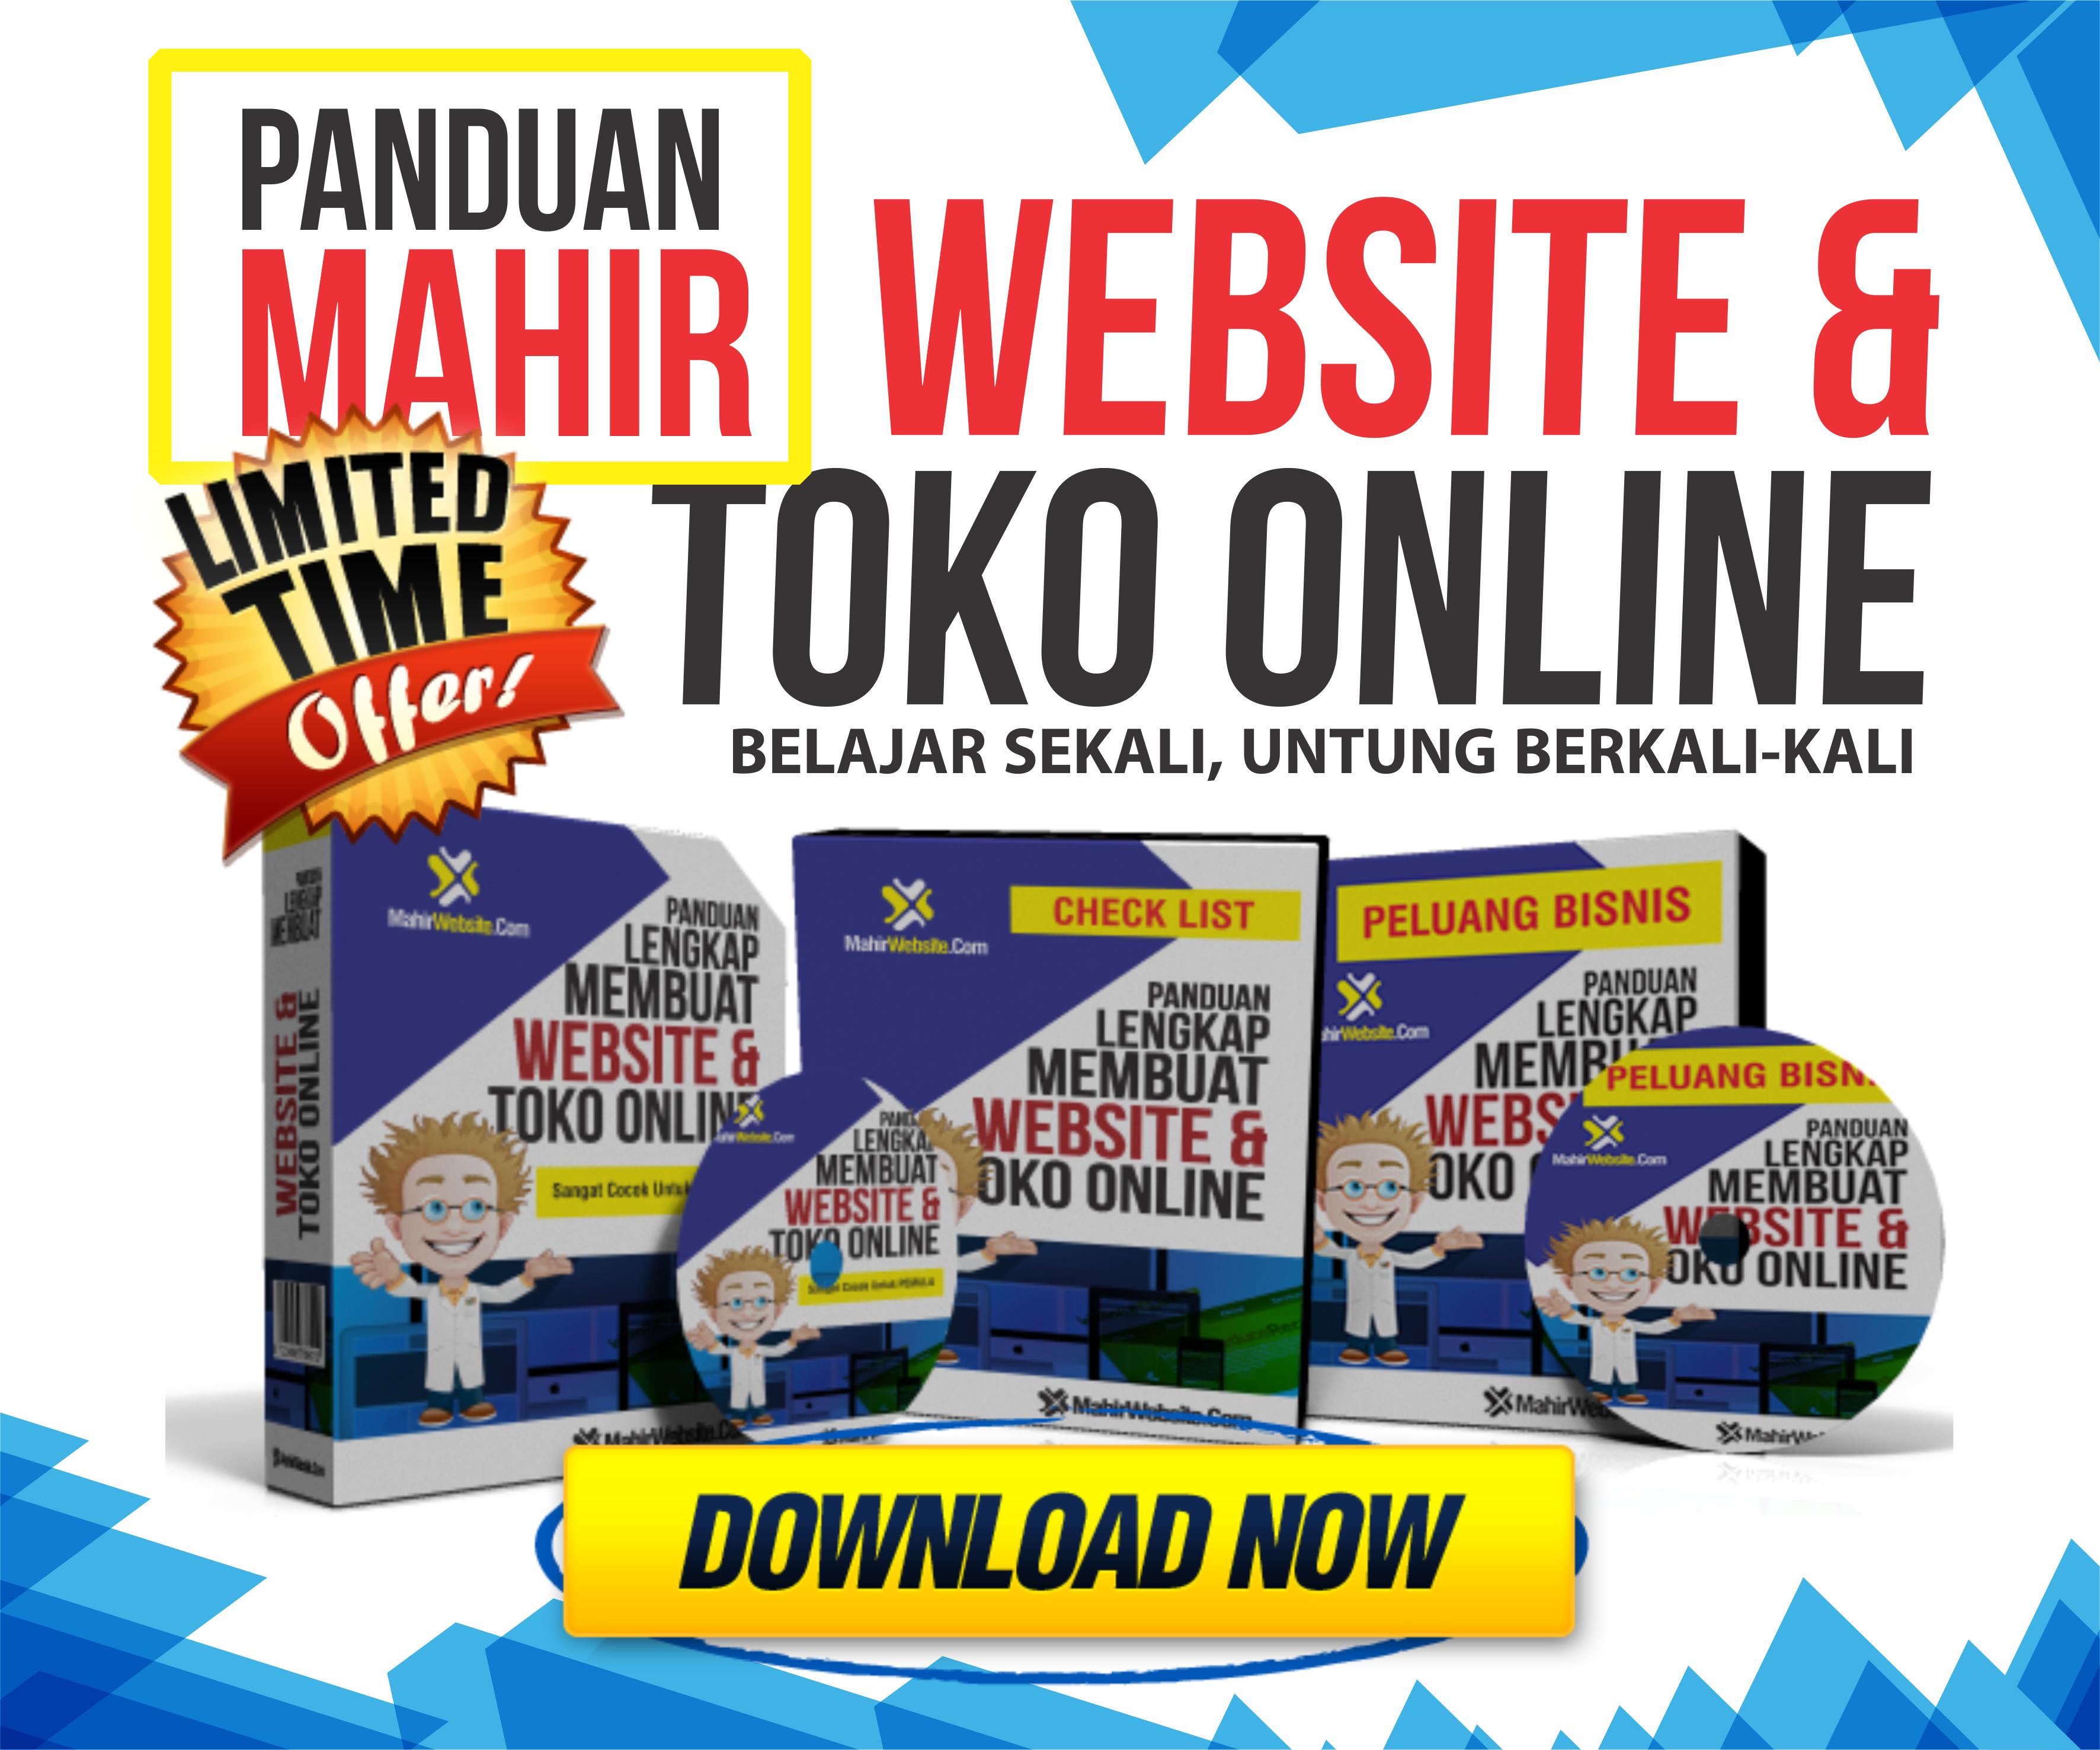 Mahir Website 300x250